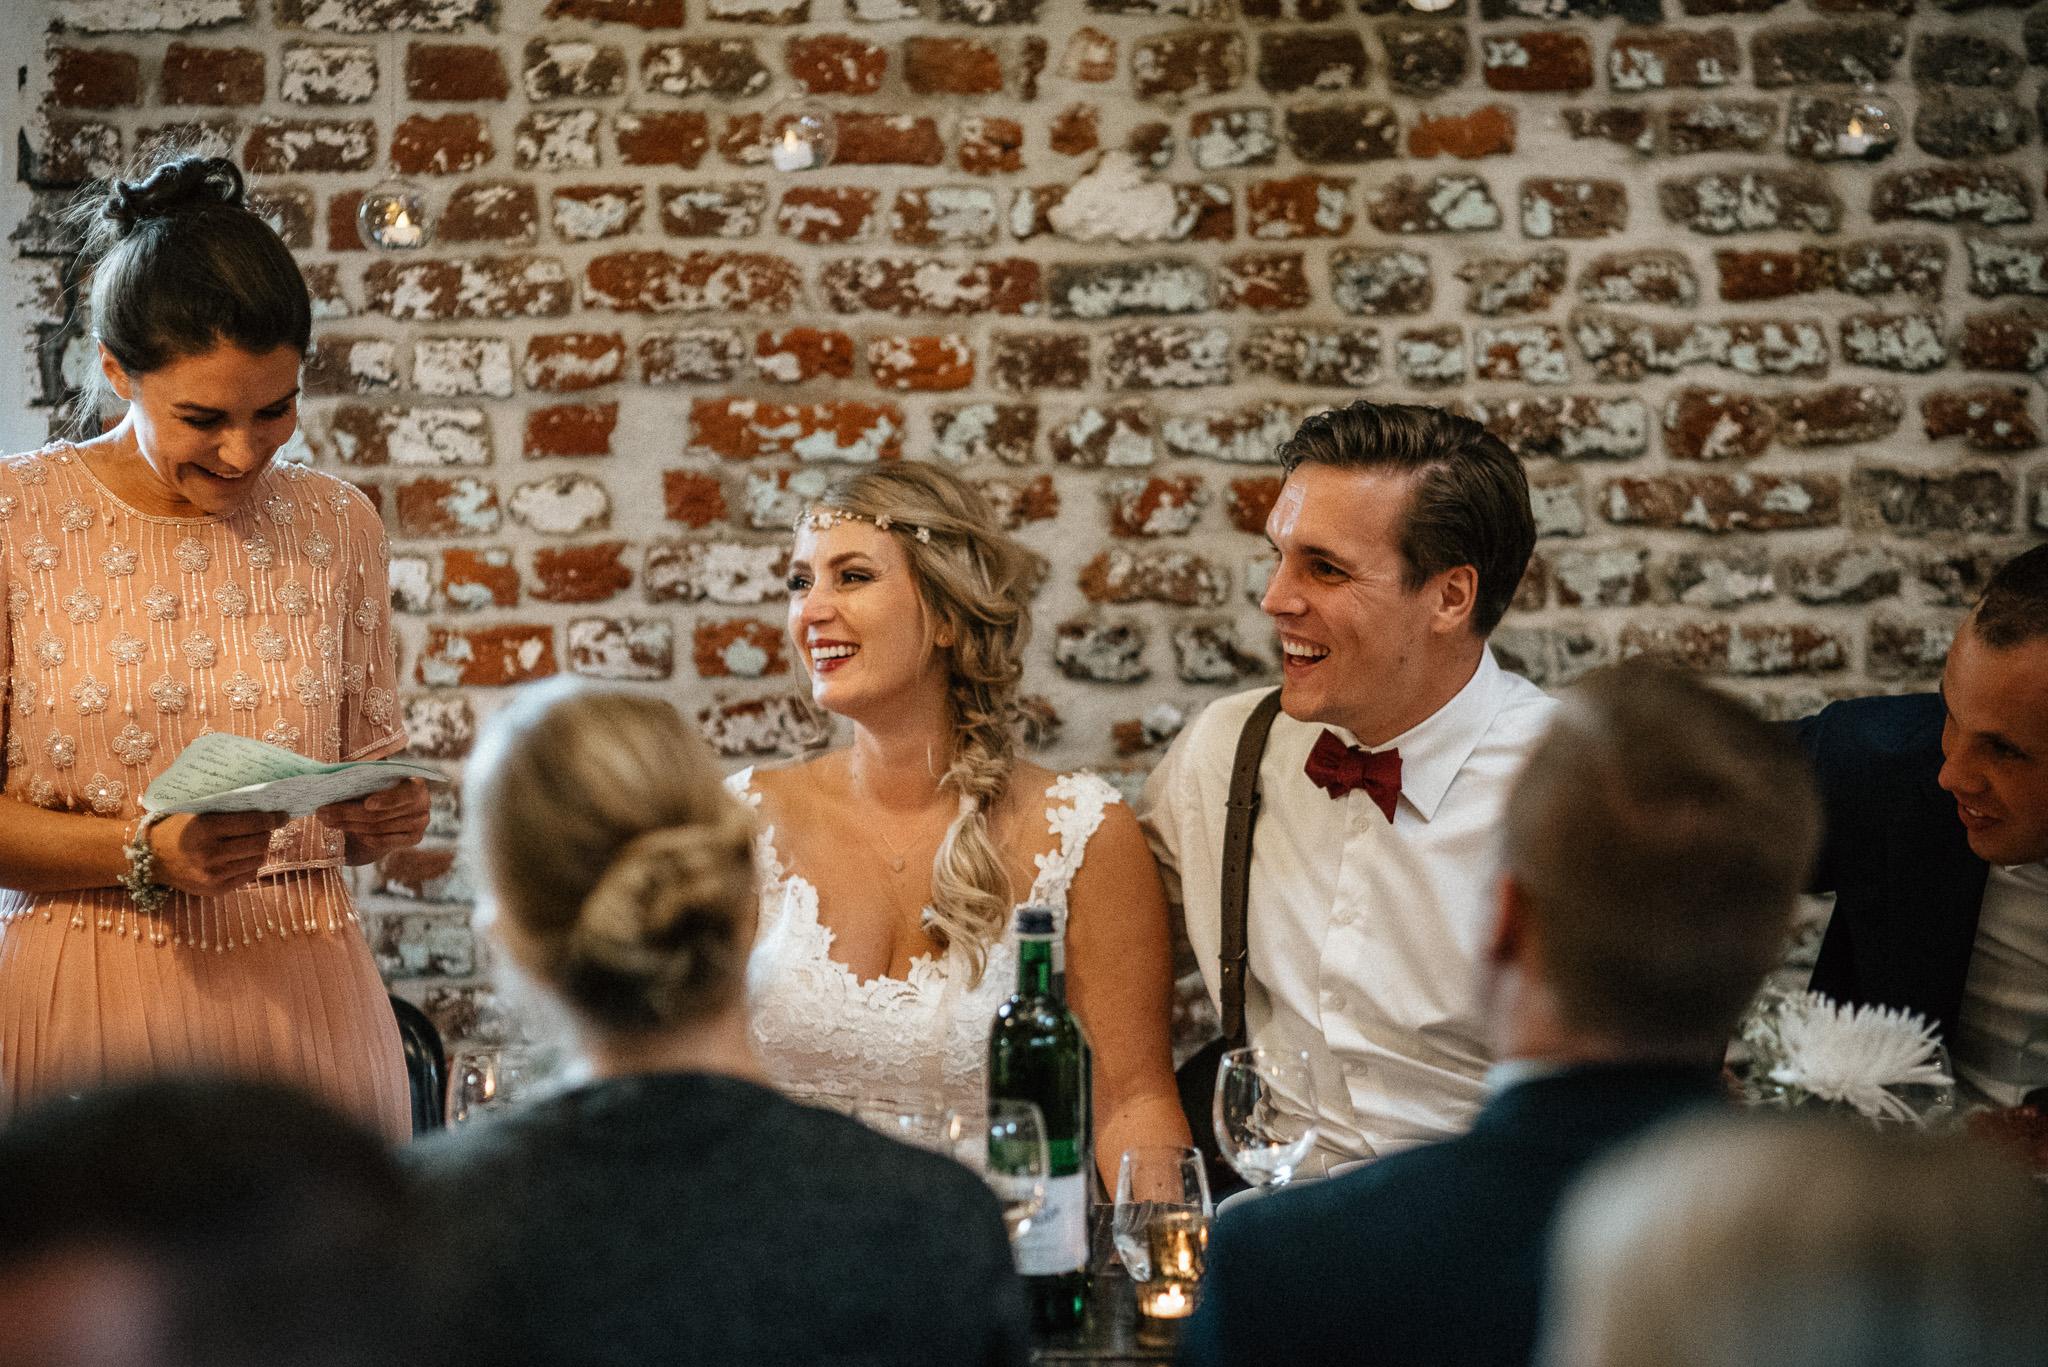 Trauung im Freien - Hochzeitsreportage Aachen Gianna und Tobi - Timo Hess Fotografie